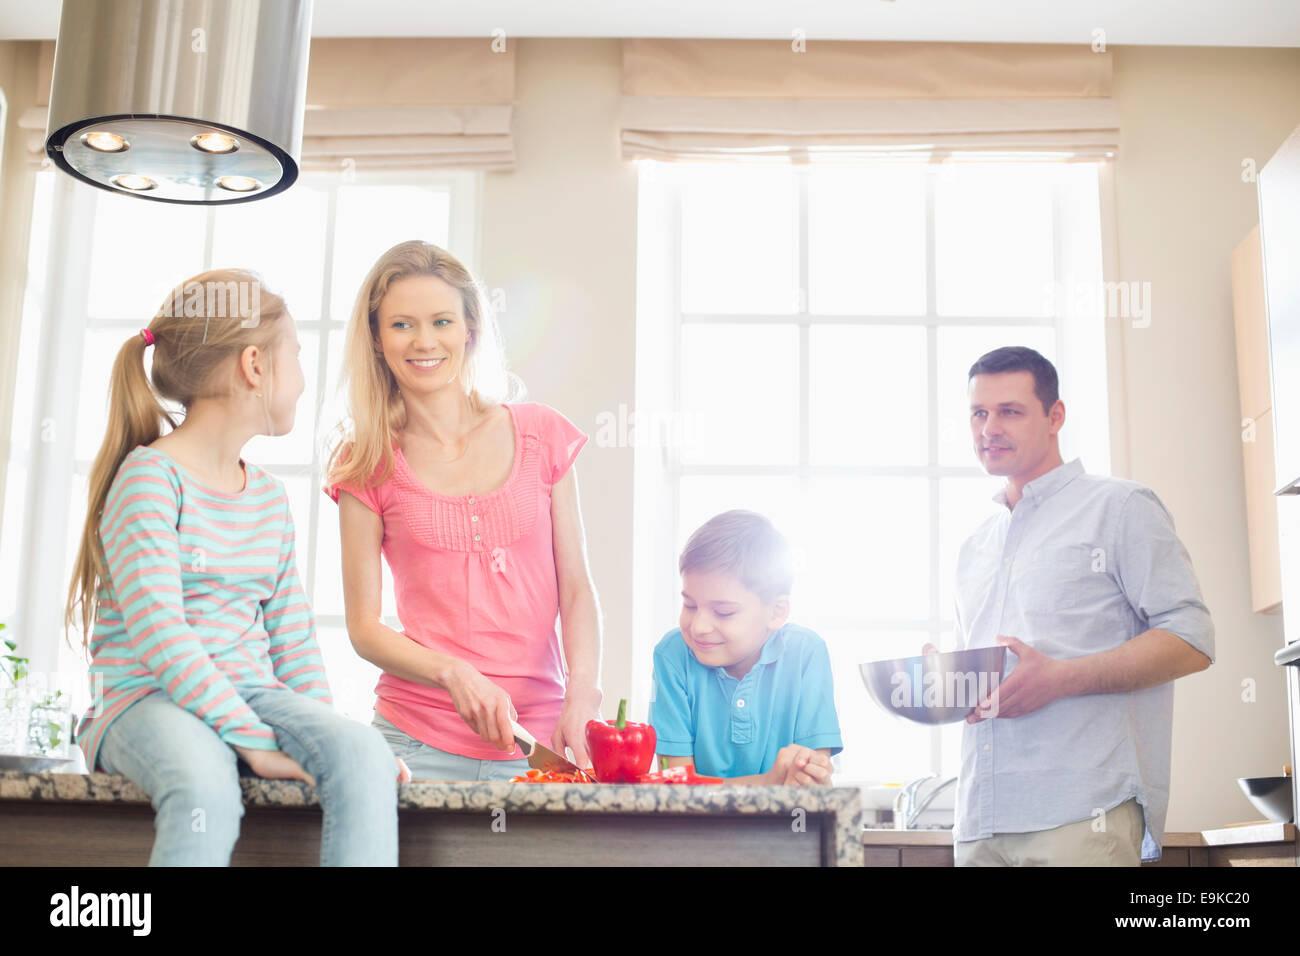 Famiglia preparare il cibo in cucina Immagini Stock